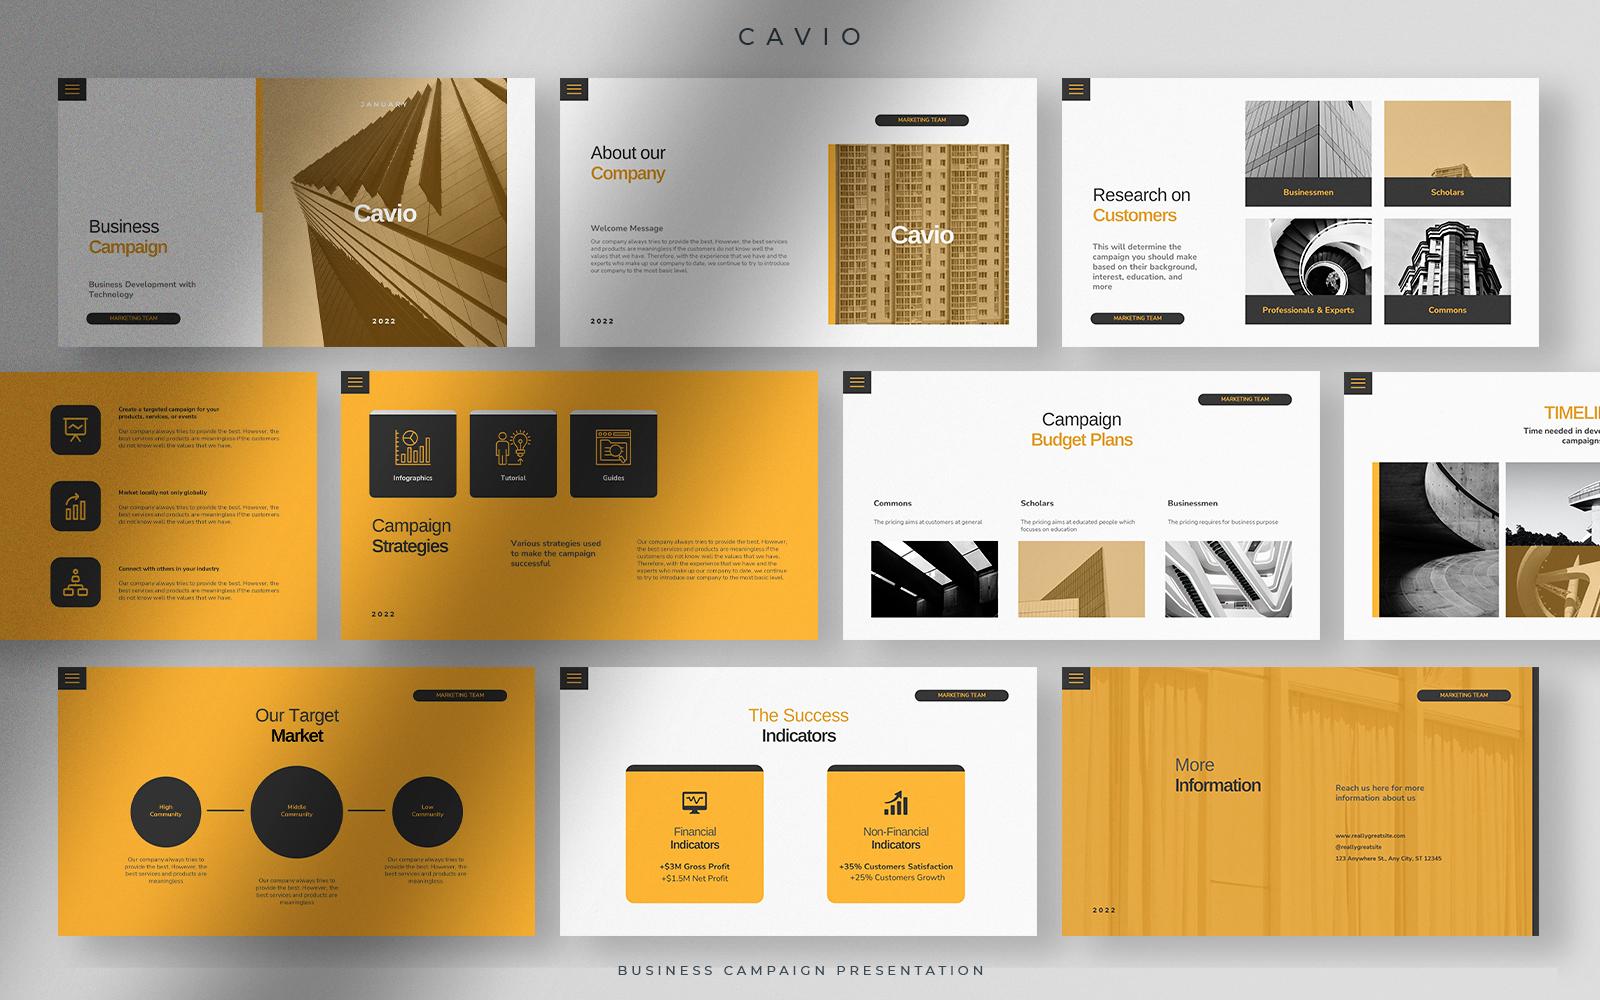 Cavio - Refined Oil Business Campaign Presentation